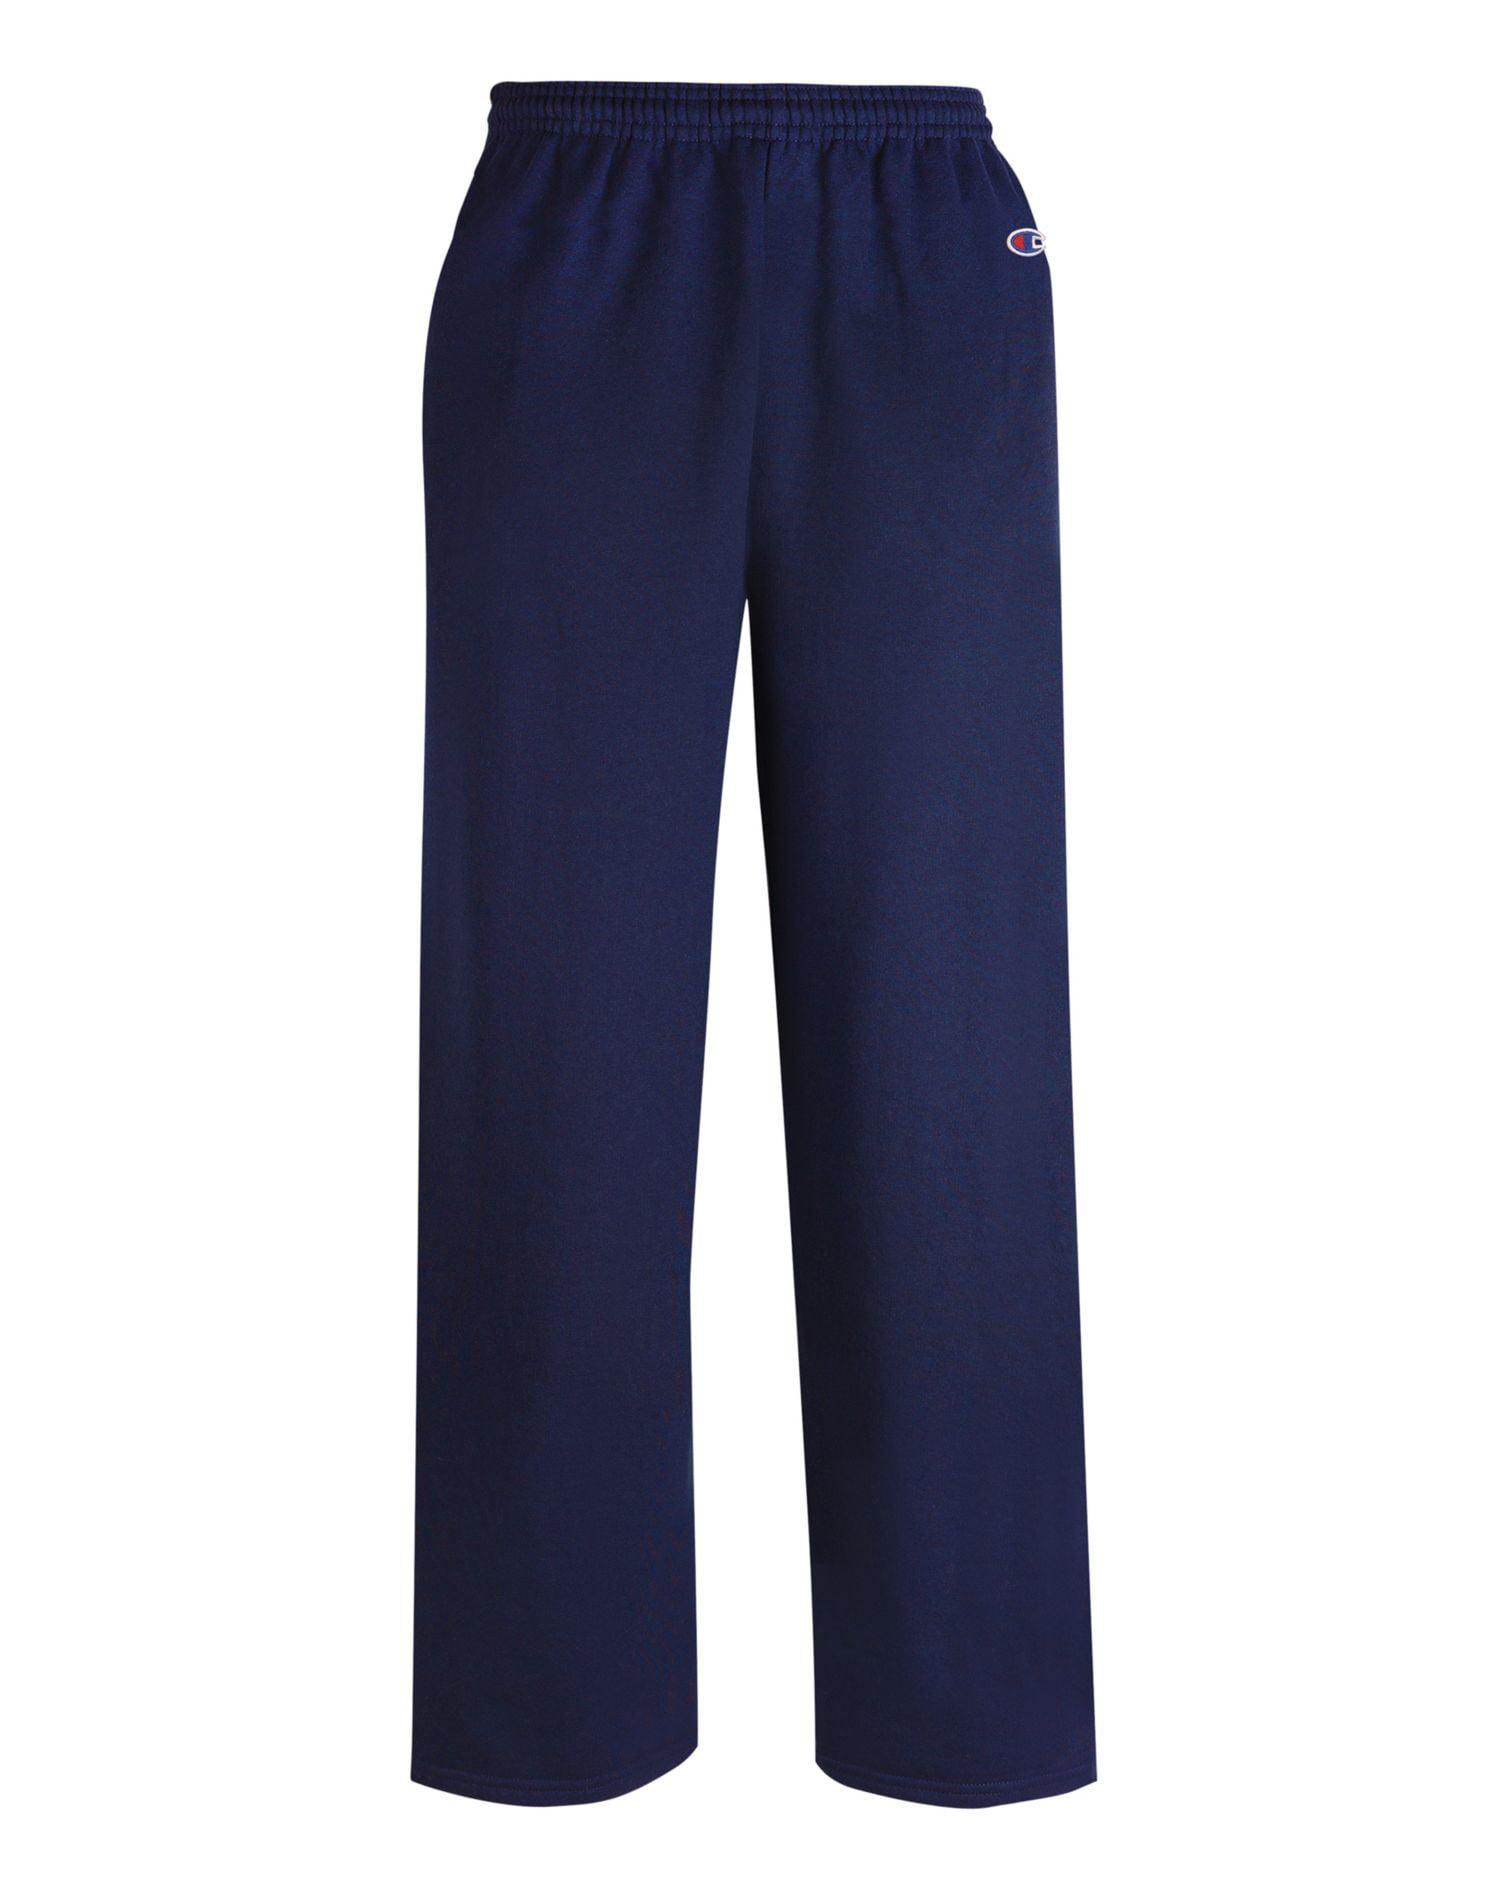 Champion Men/'s Double Dry Eco Fleece Sweat Pants 3 COLORS S-3XL